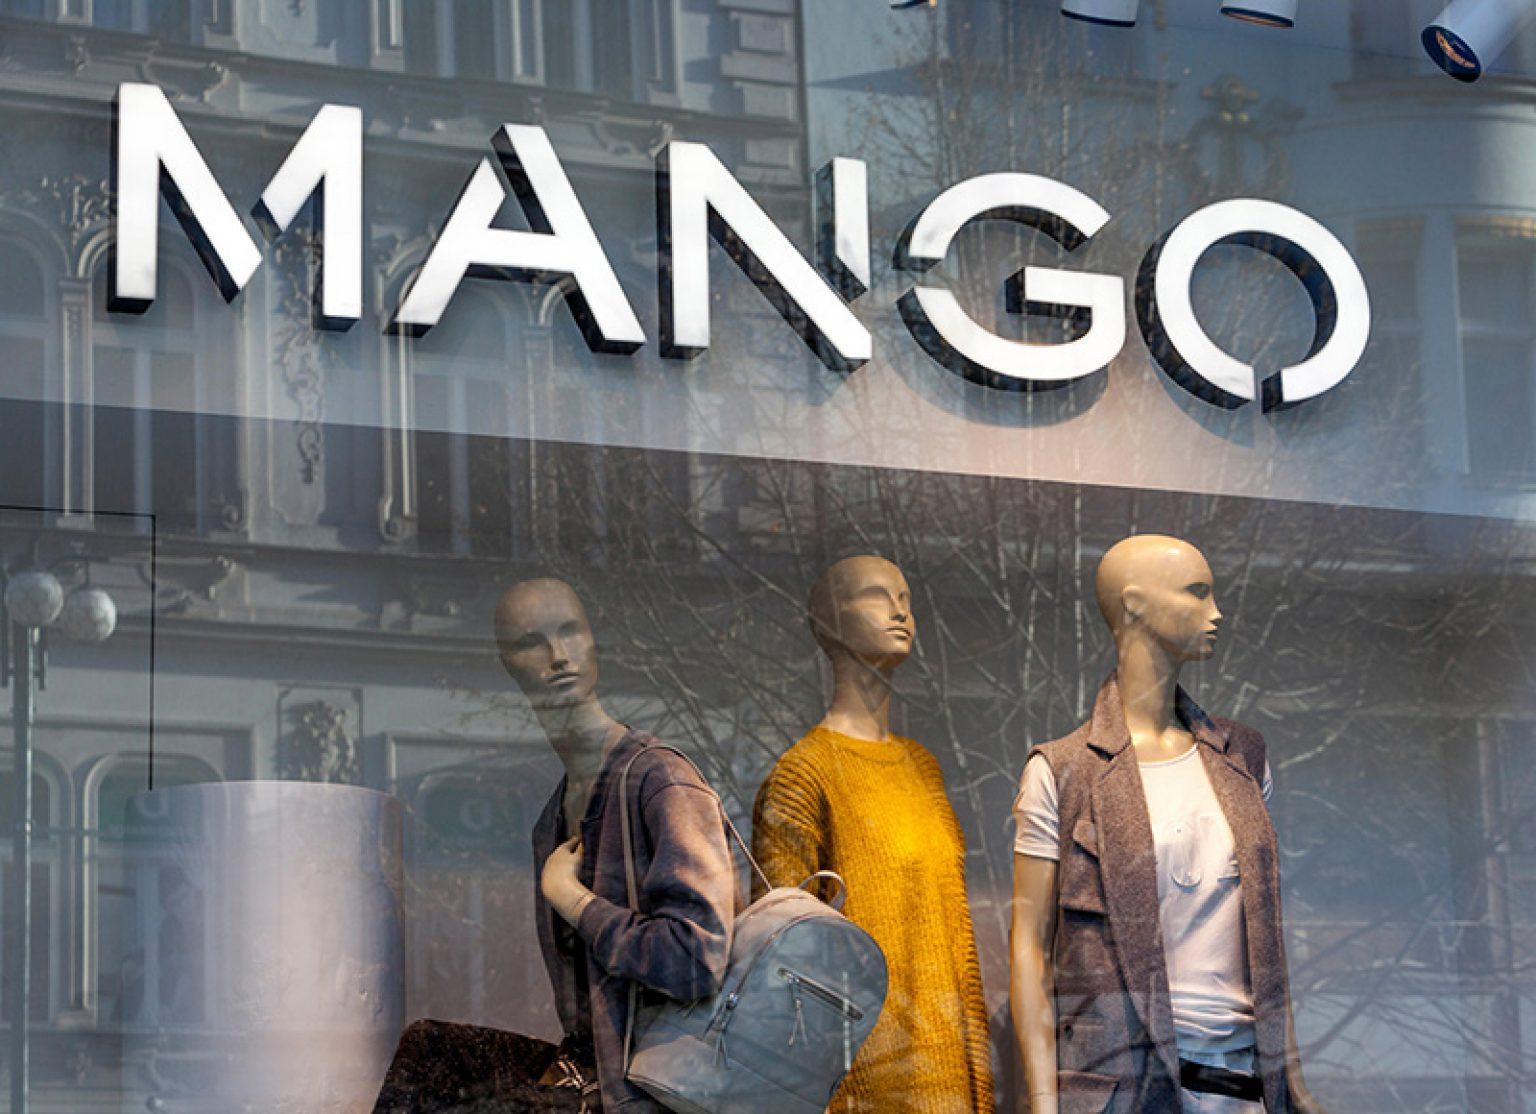 манго дисконт